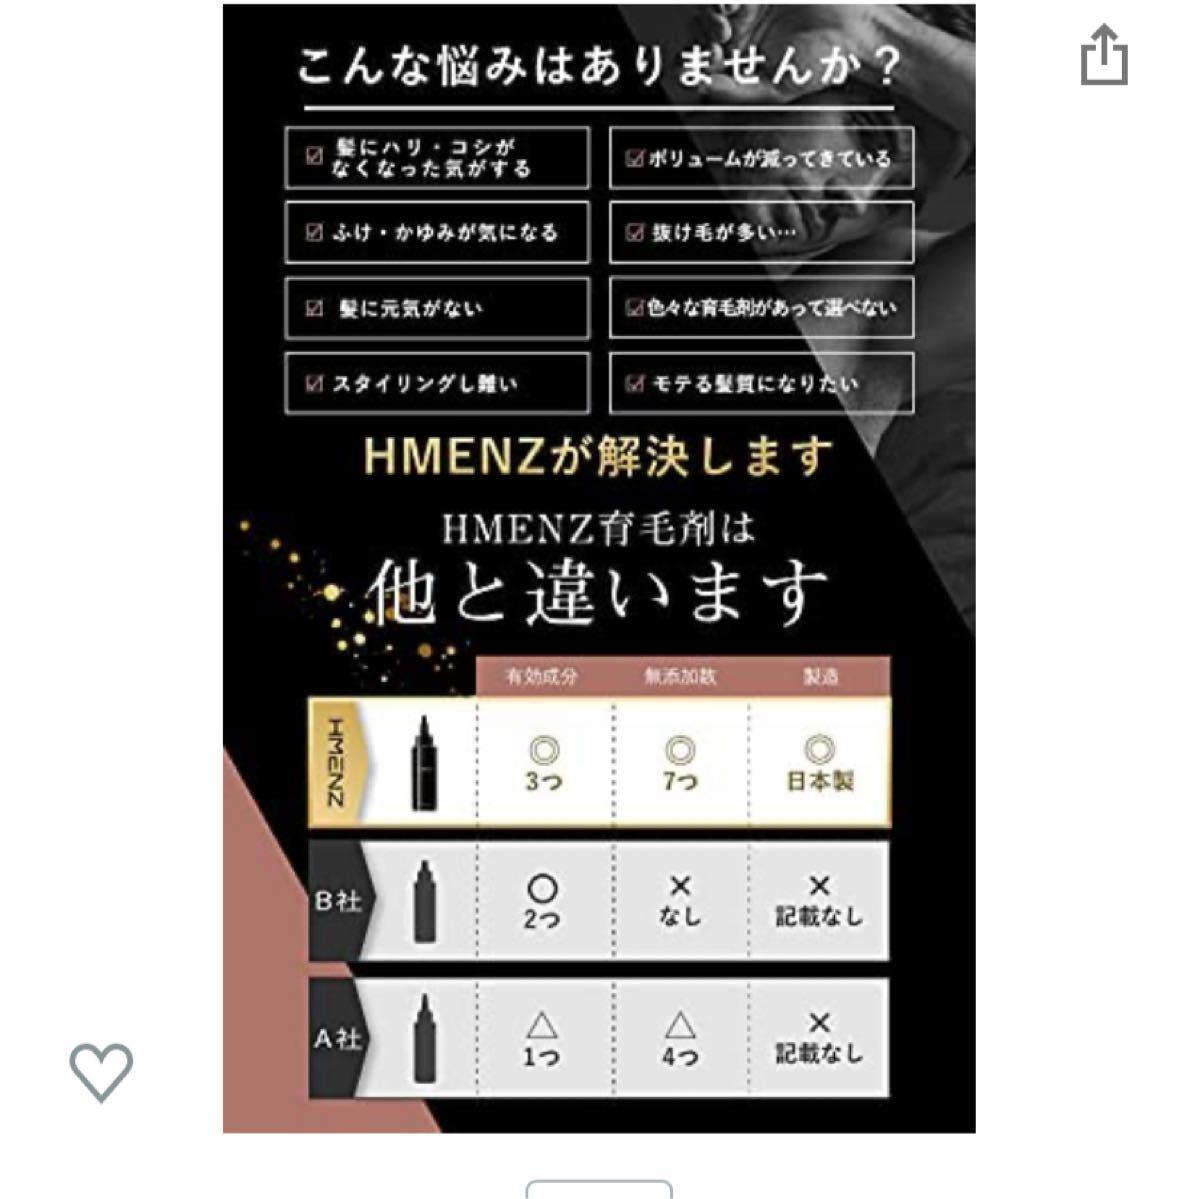 育毛剤 ヘアローション HMENZ スカルプエッセンス